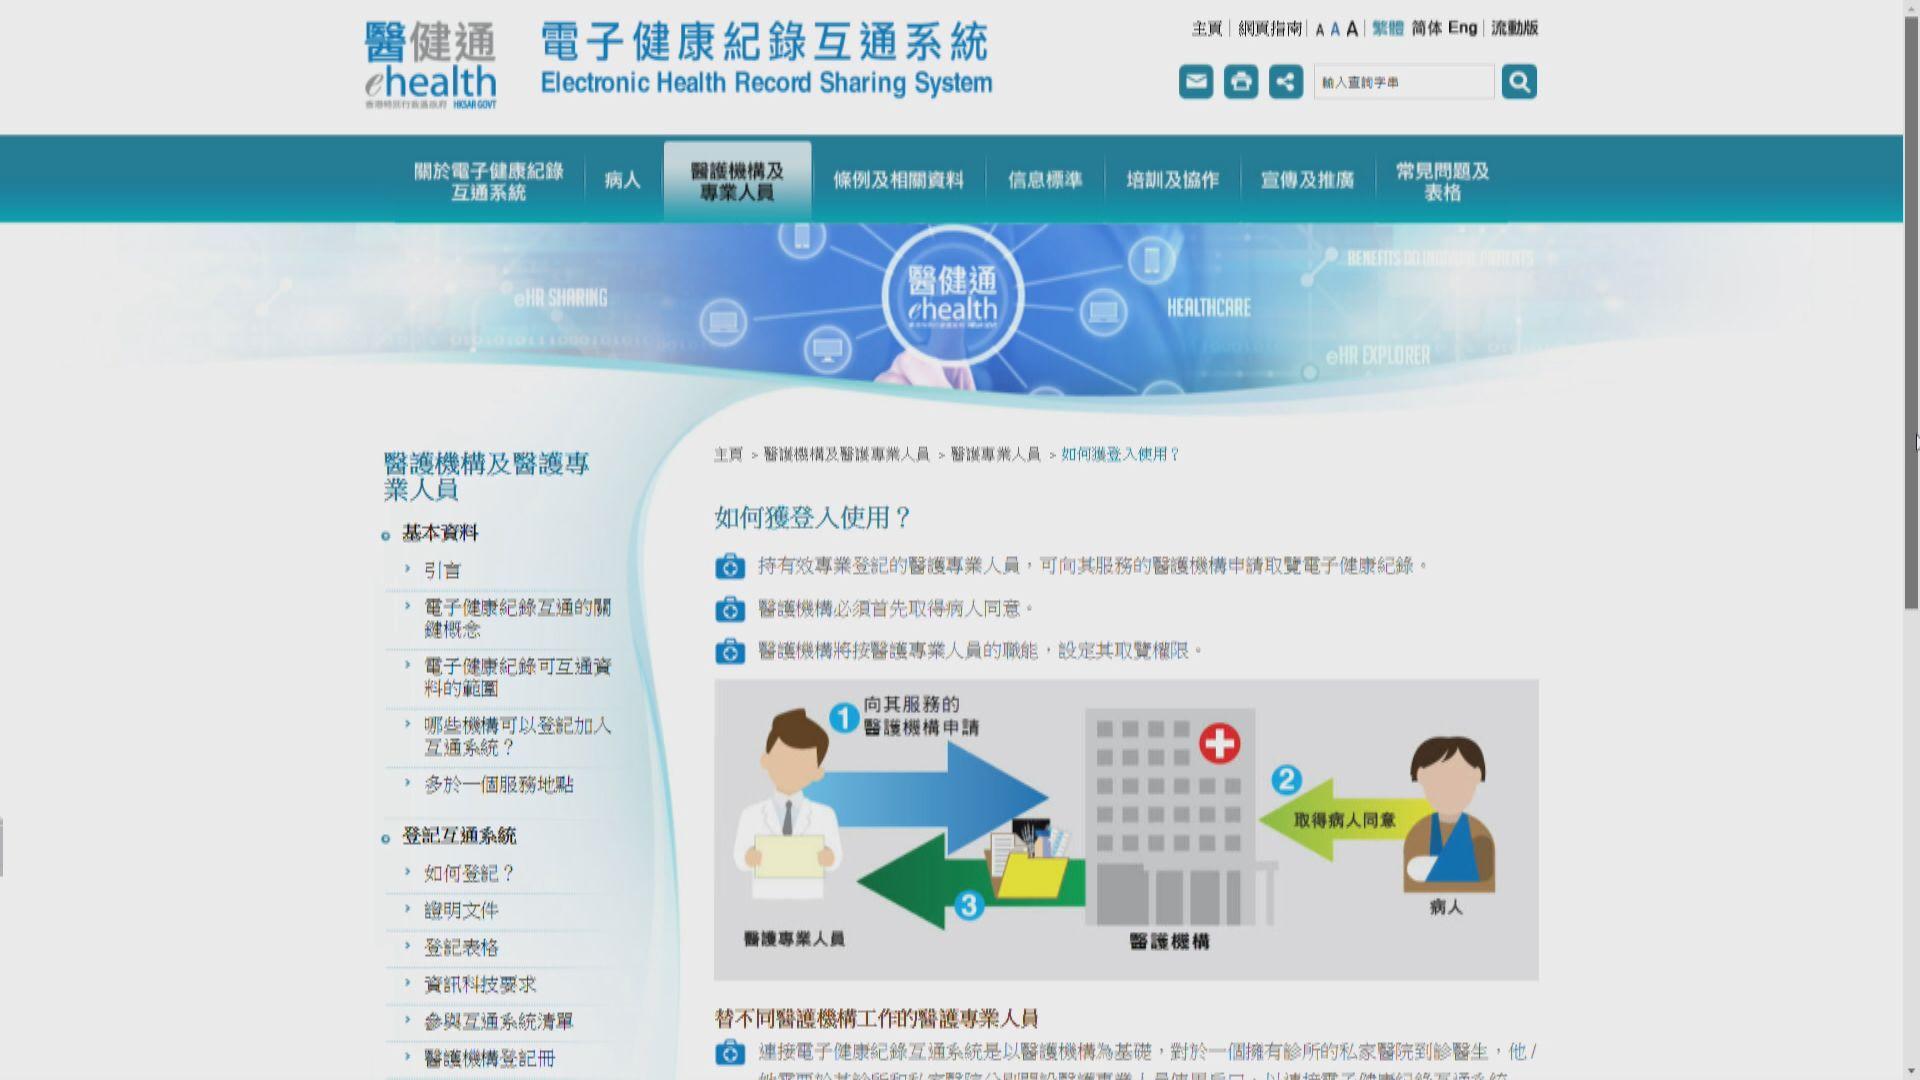 診所職員疑未經授權取覽病人電子健康紀錄